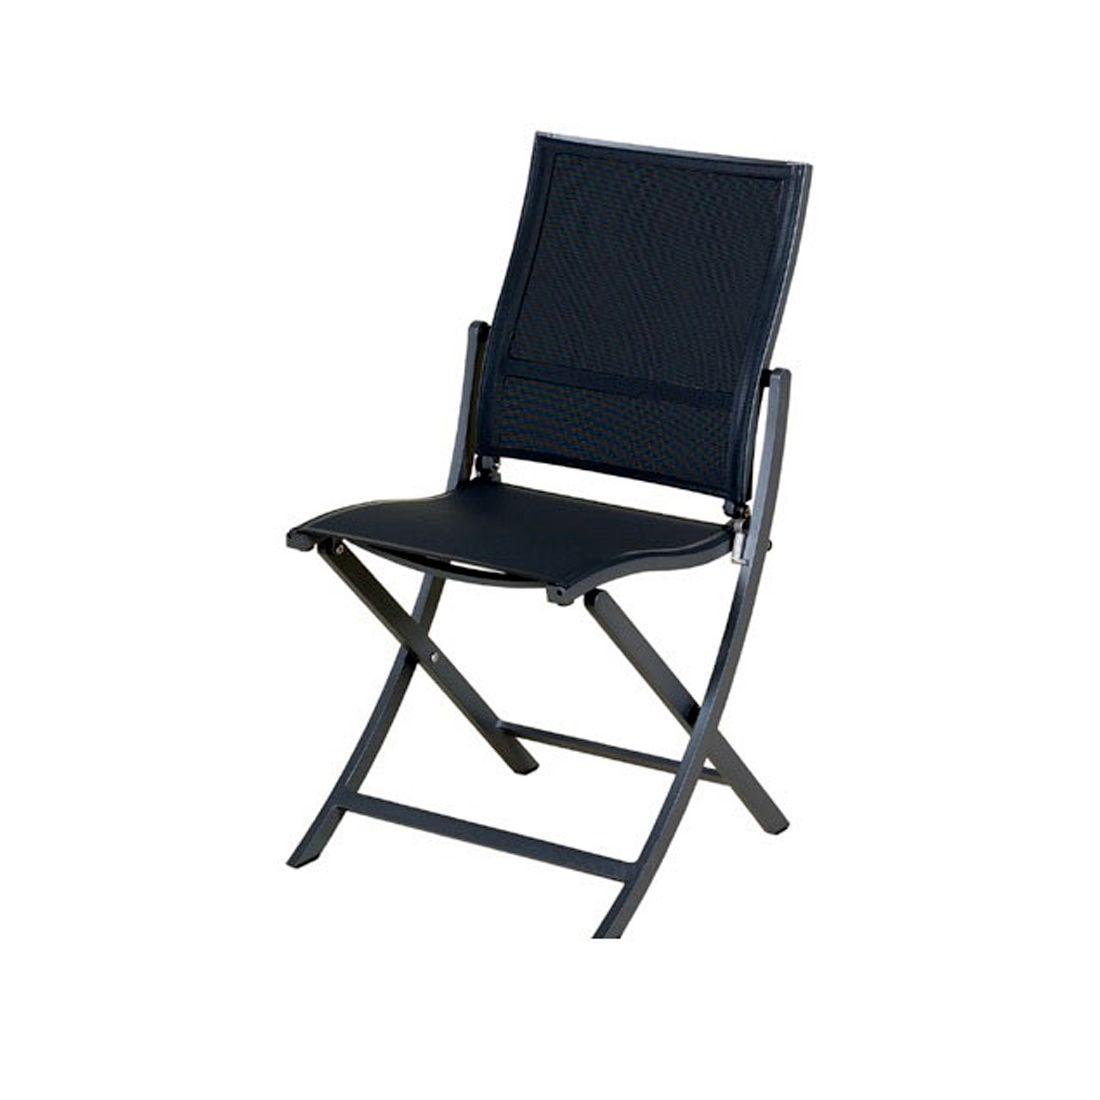 chaise pliante koton structure gris espace toile gris chine les jardins